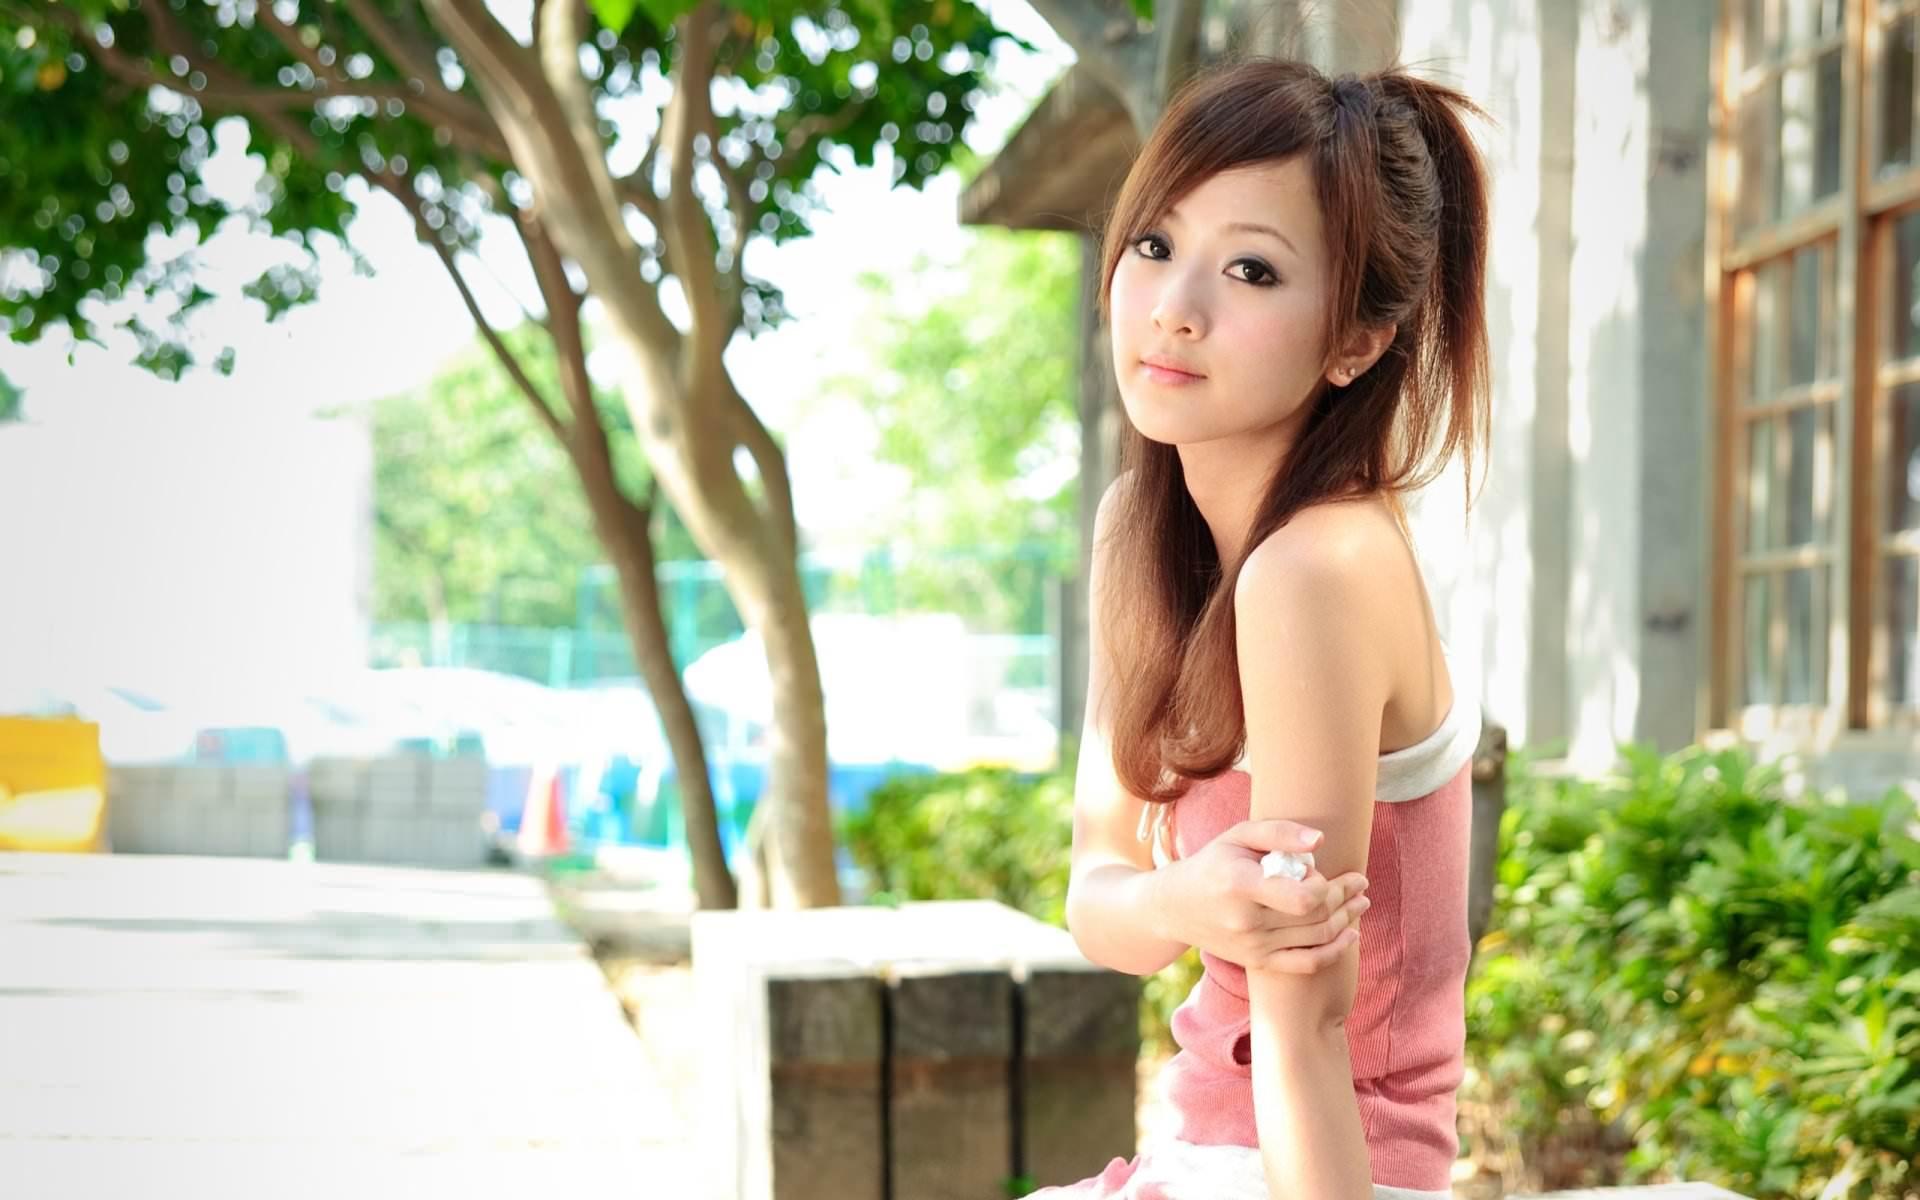 Фото девочек с розовыми сом 24 фотография